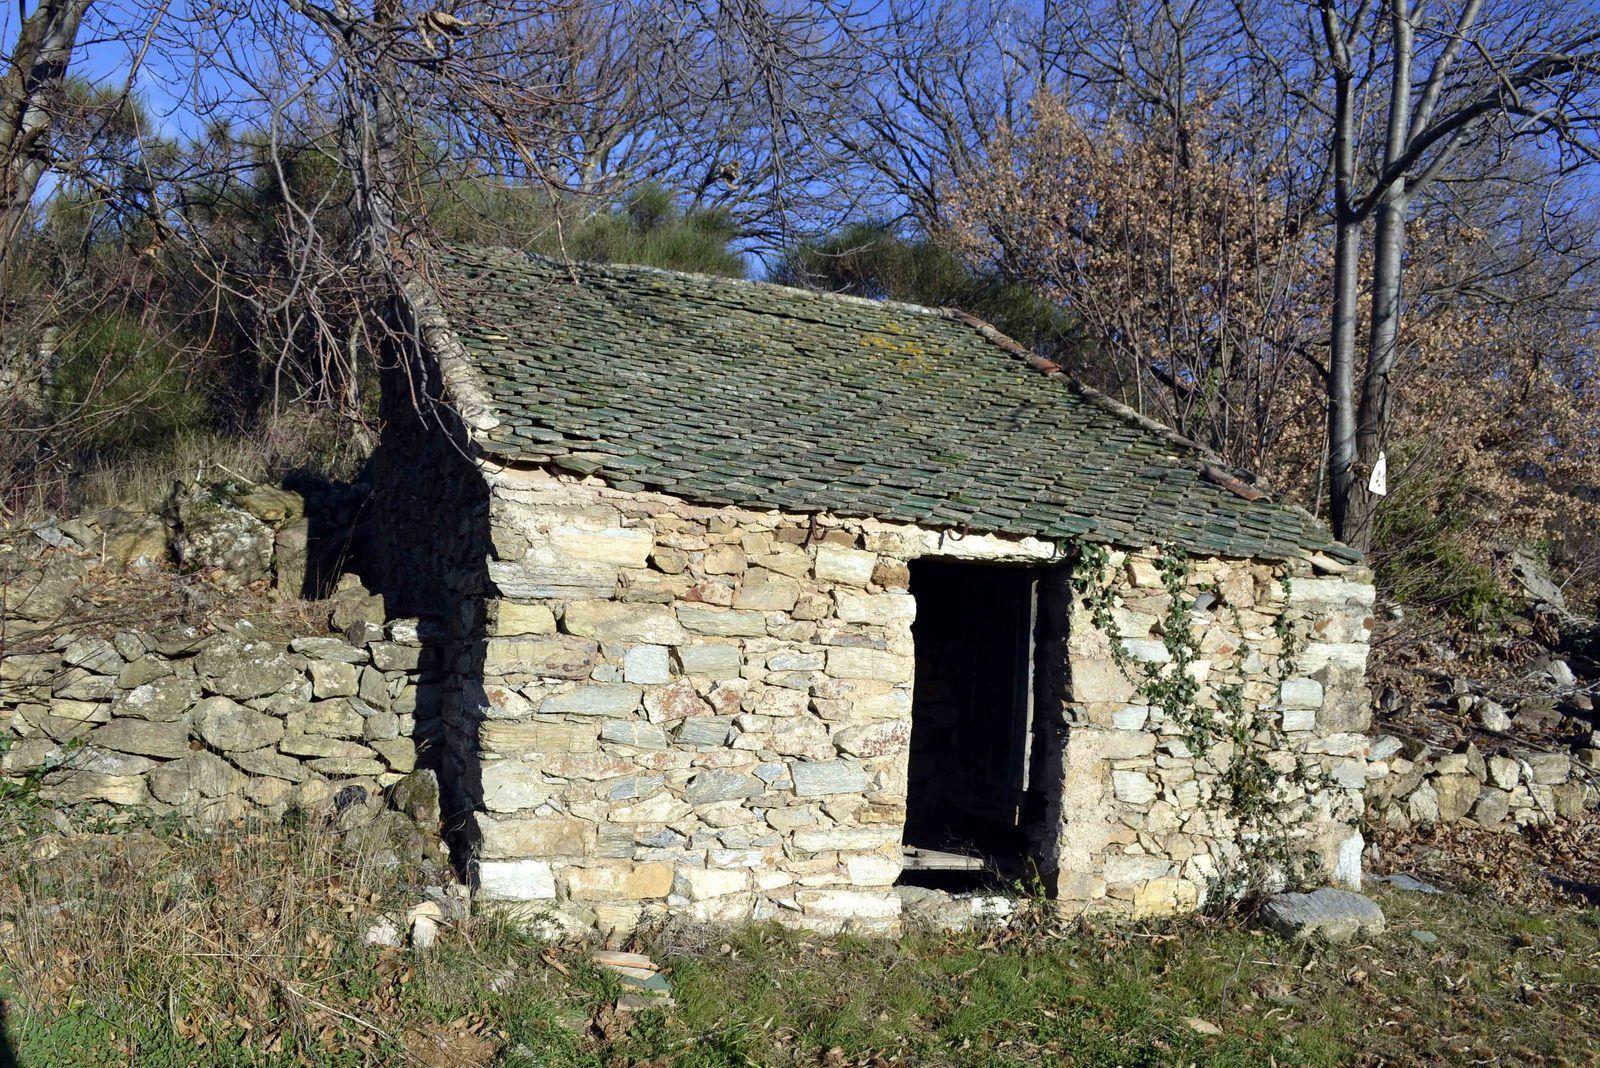 La plus étrange a un magnifique toit de tuiles vernissées. Il faut la contourner pour emprunter un petit sentier qui grimpe derrière elle pour déboucher sur la partie la plus plate de la randonnée.